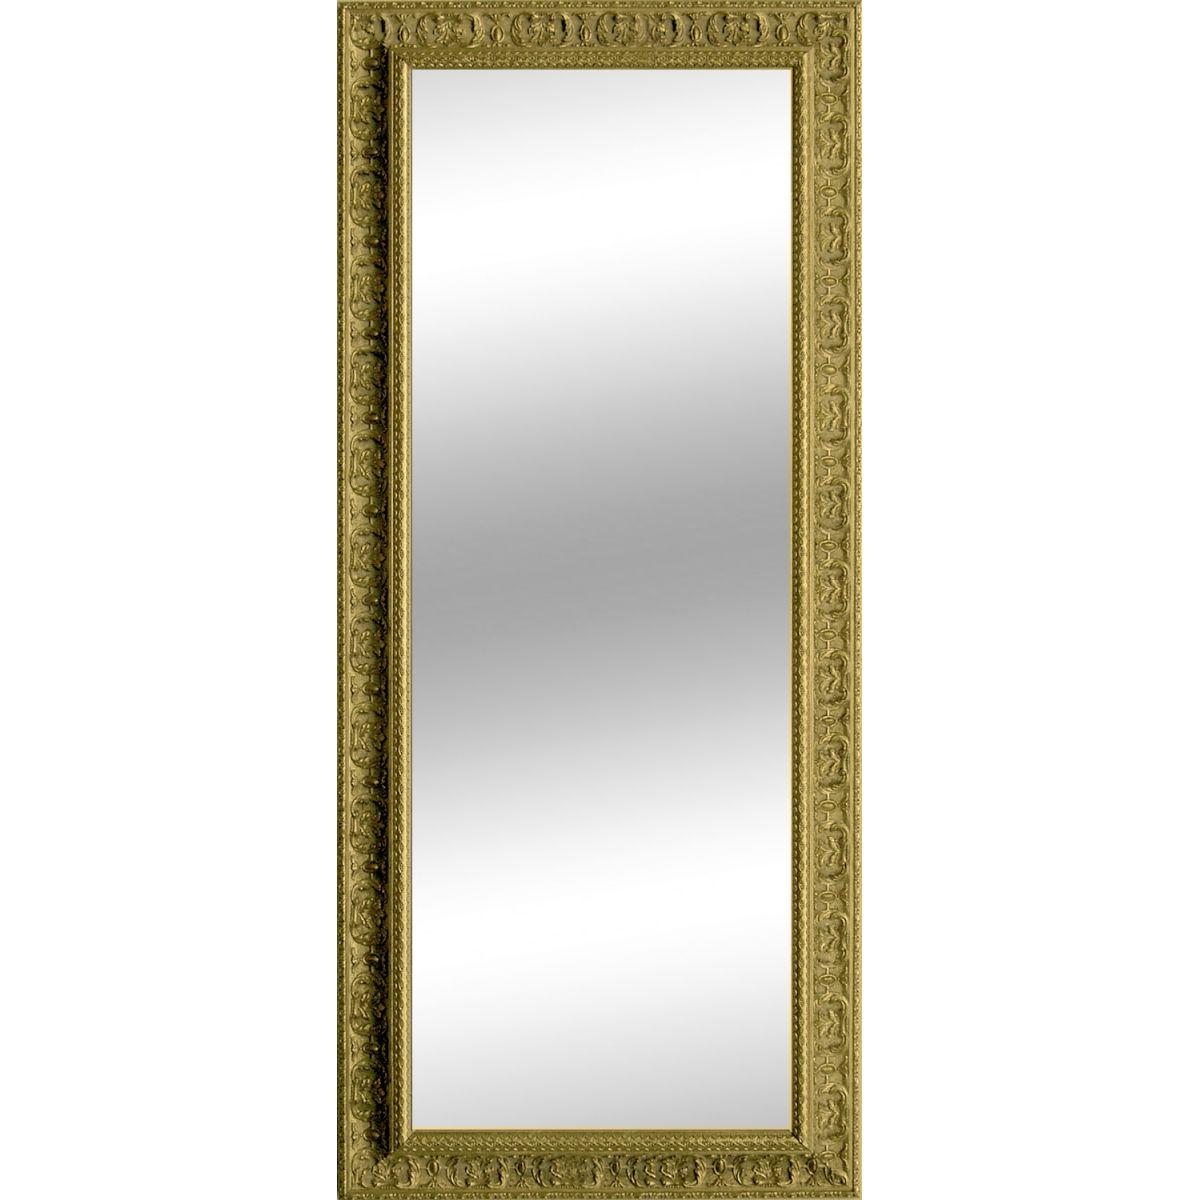 Specchio venere oro 60 x 145 cm prezzi e offerte online for Tralicci leroy merlin